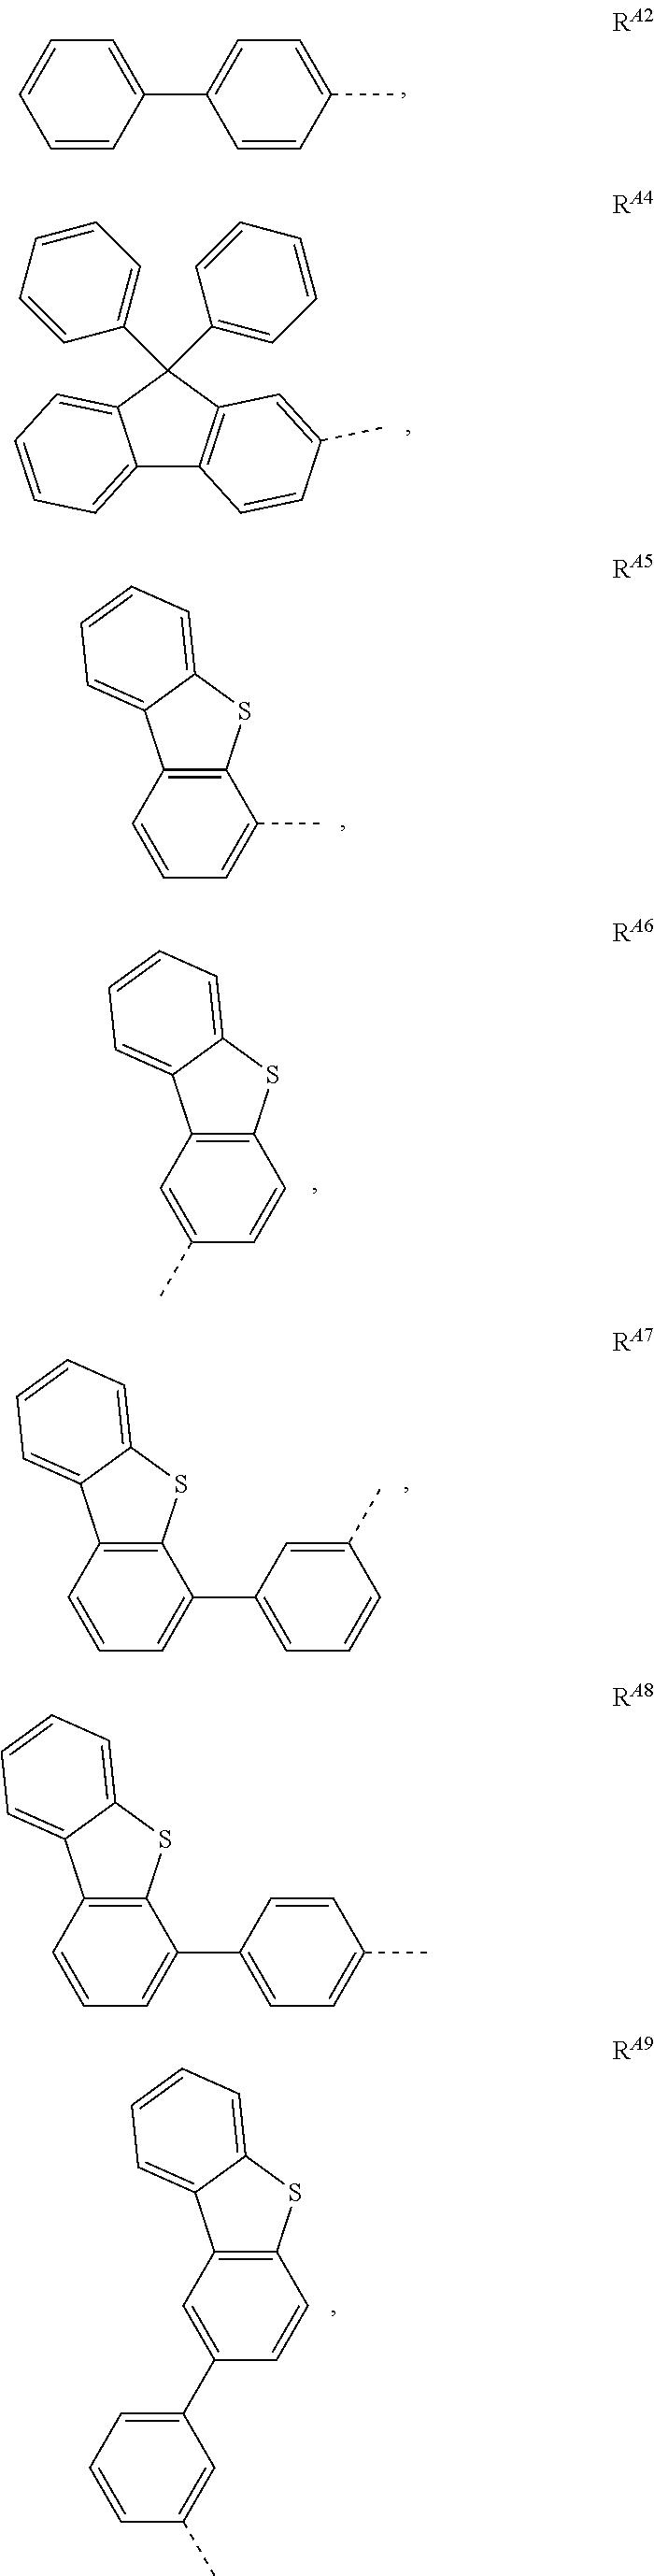 Figure US09761814-20170912-C00263